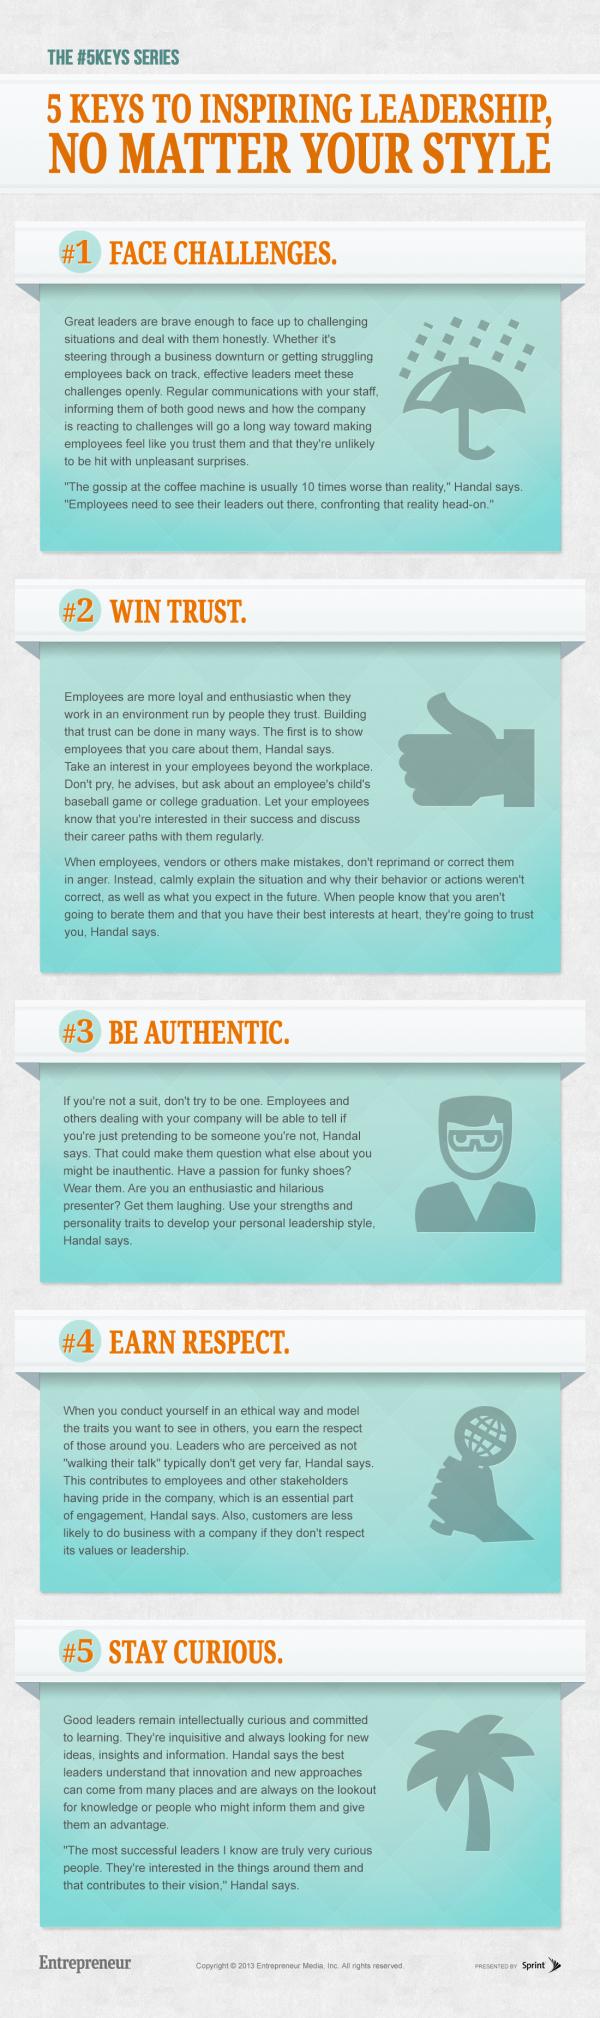 5-keys-infographic-inspiring-leadership-resized-600.jpg